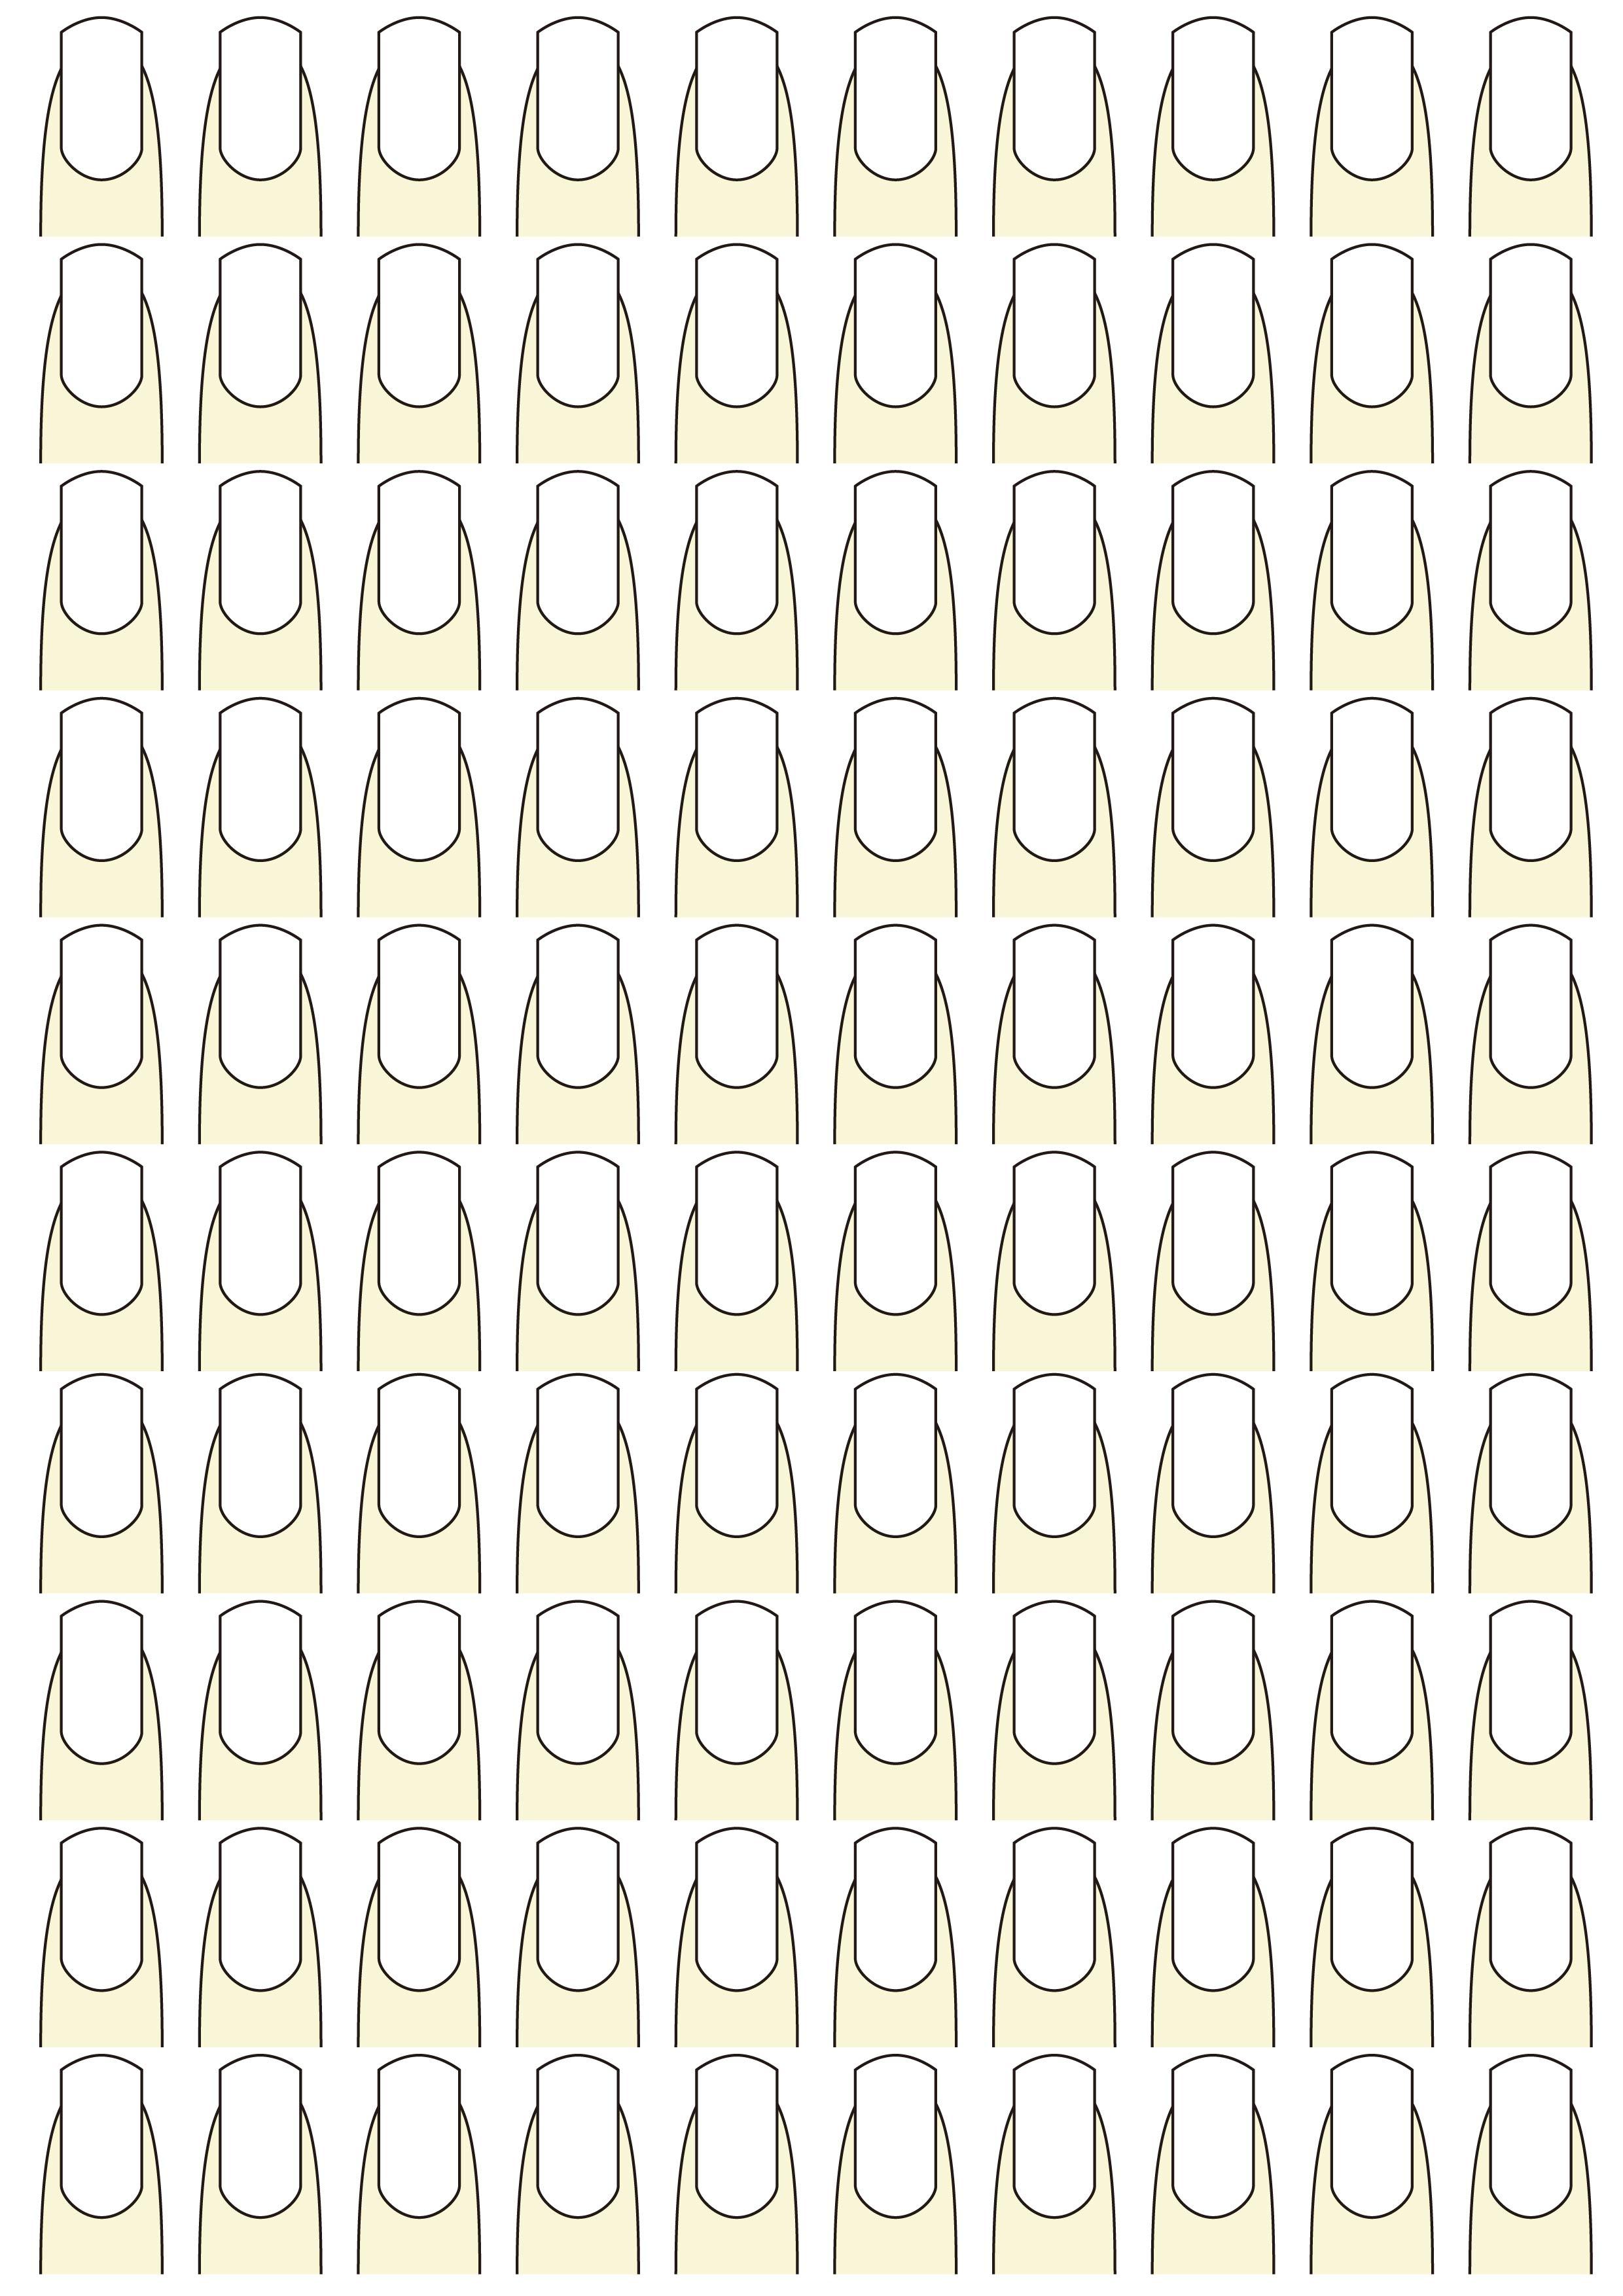 ネイルアート練習シート作りました:独学でネイリストになった